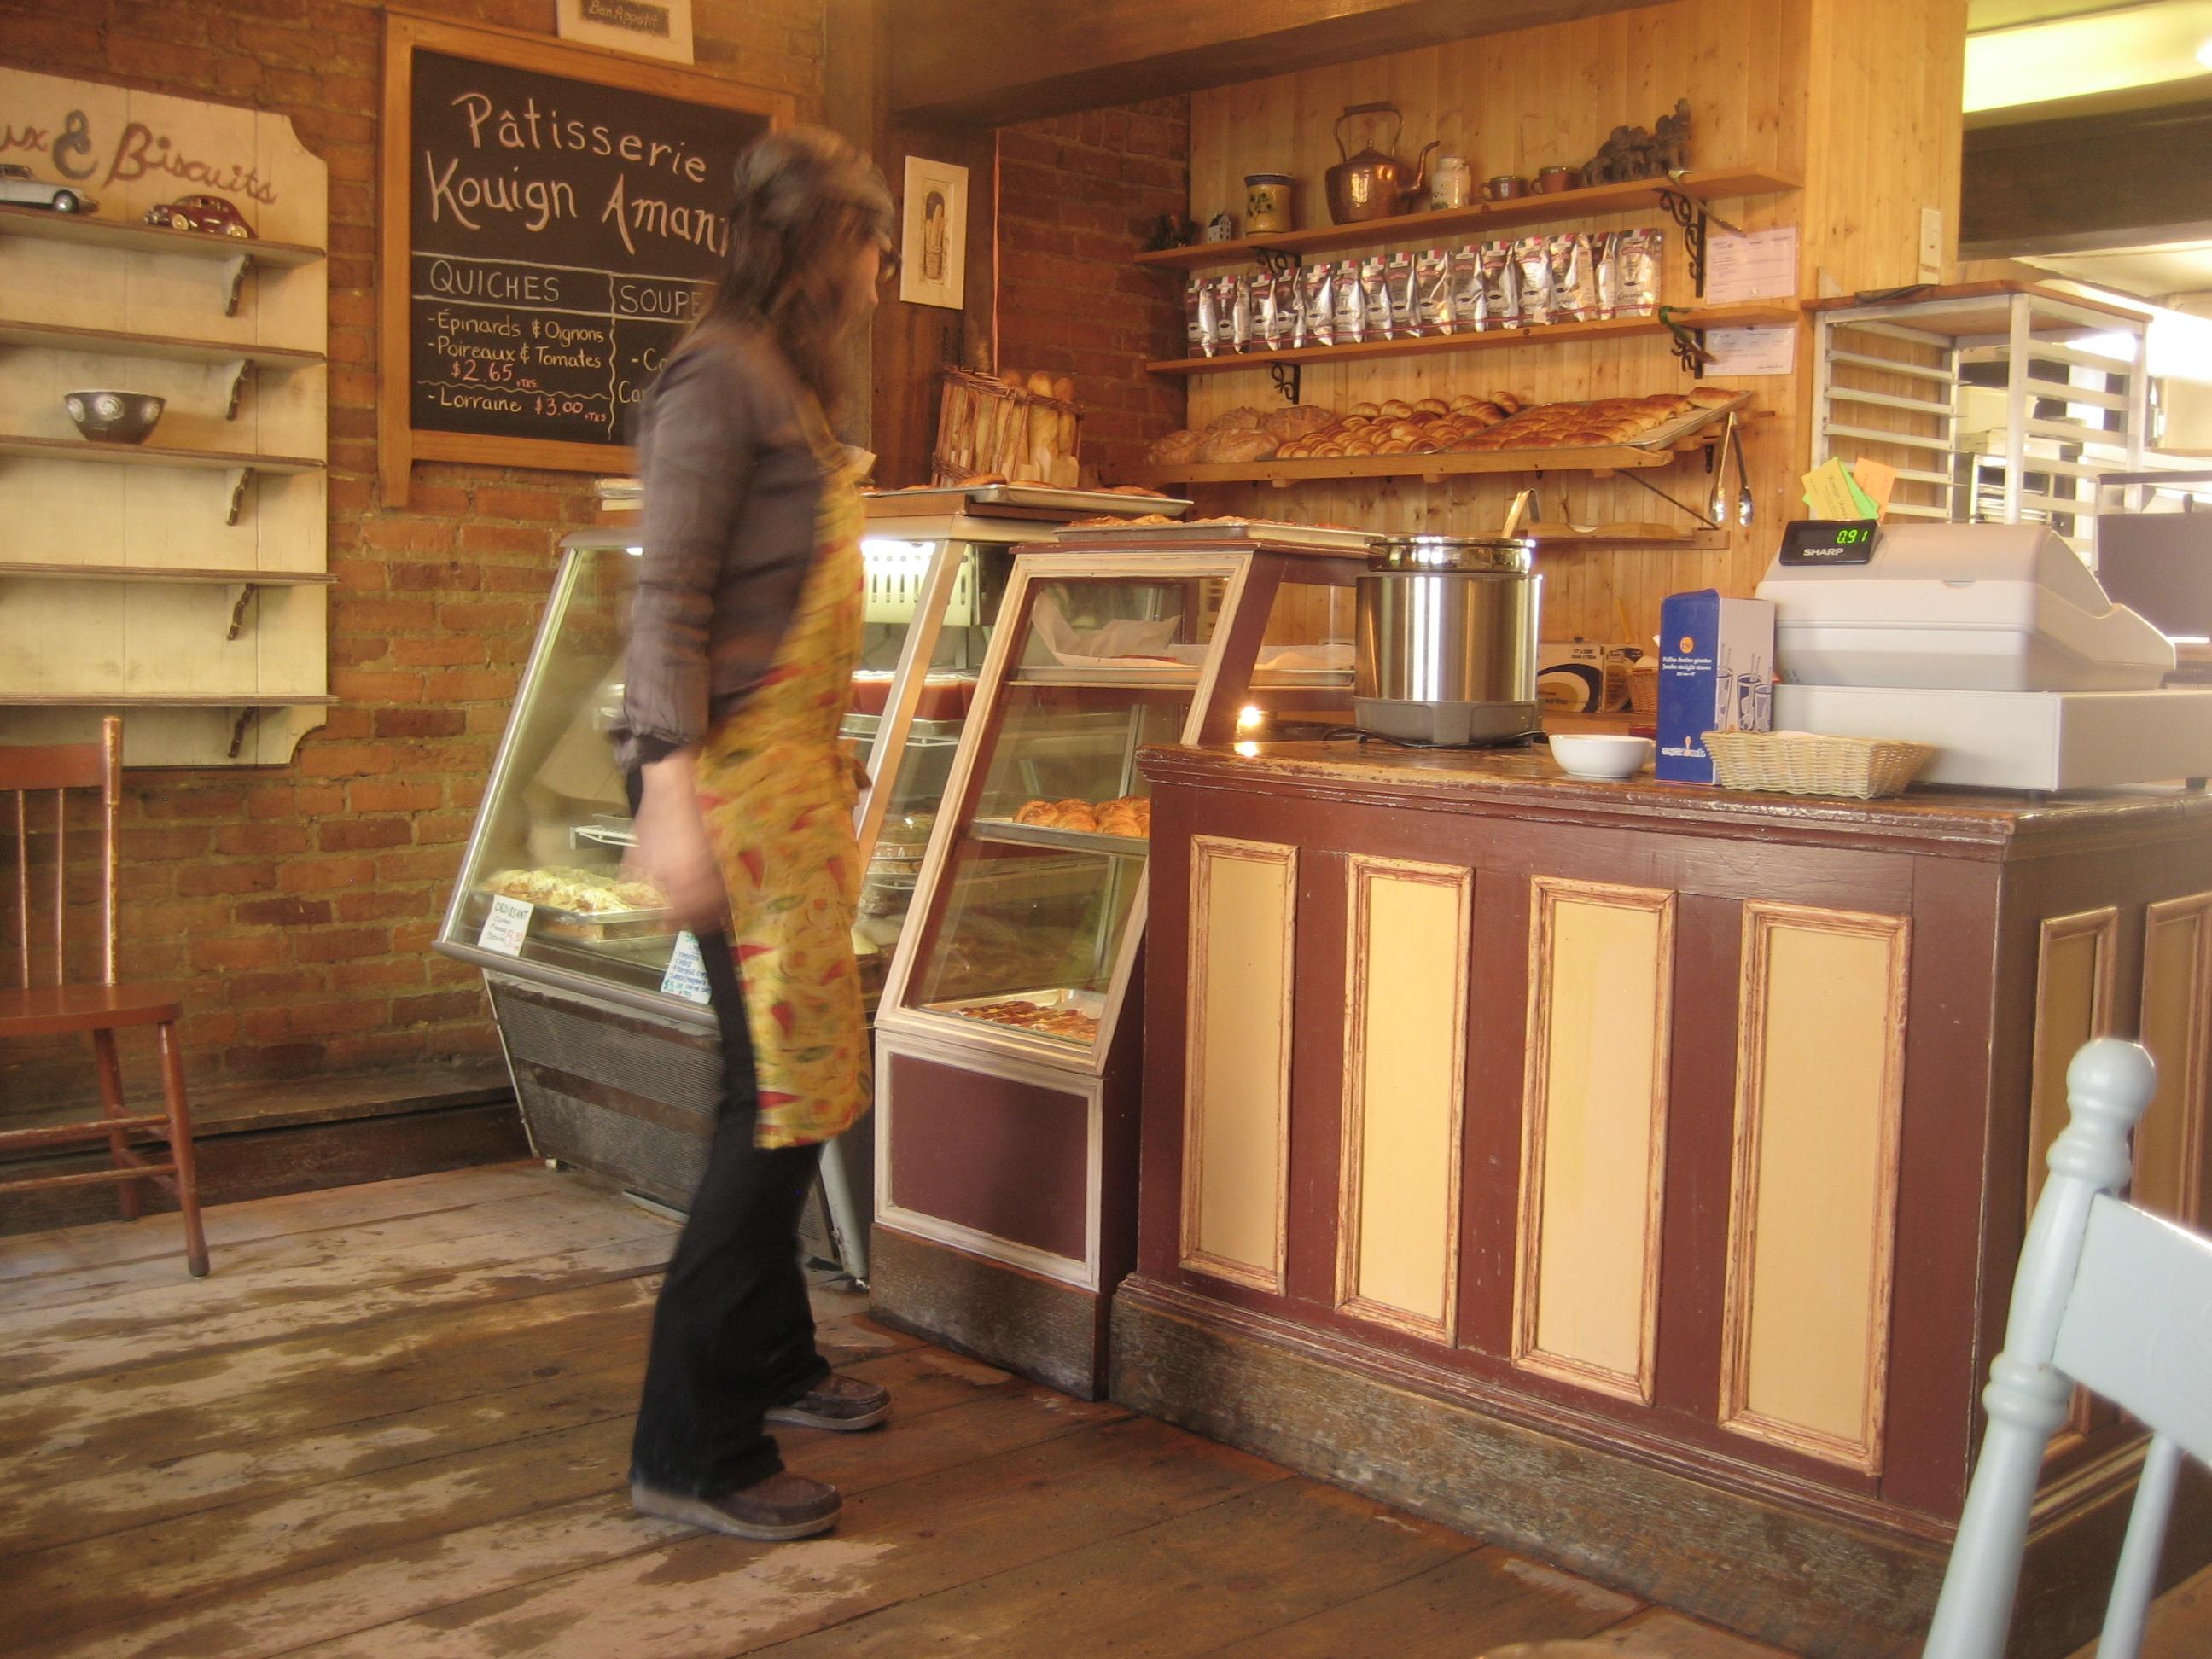 Au suivant ! De préférence, une suivante ! » lance le sympathique préposé derrière le comptoir. « Qui veut du café pendant que je suis là?